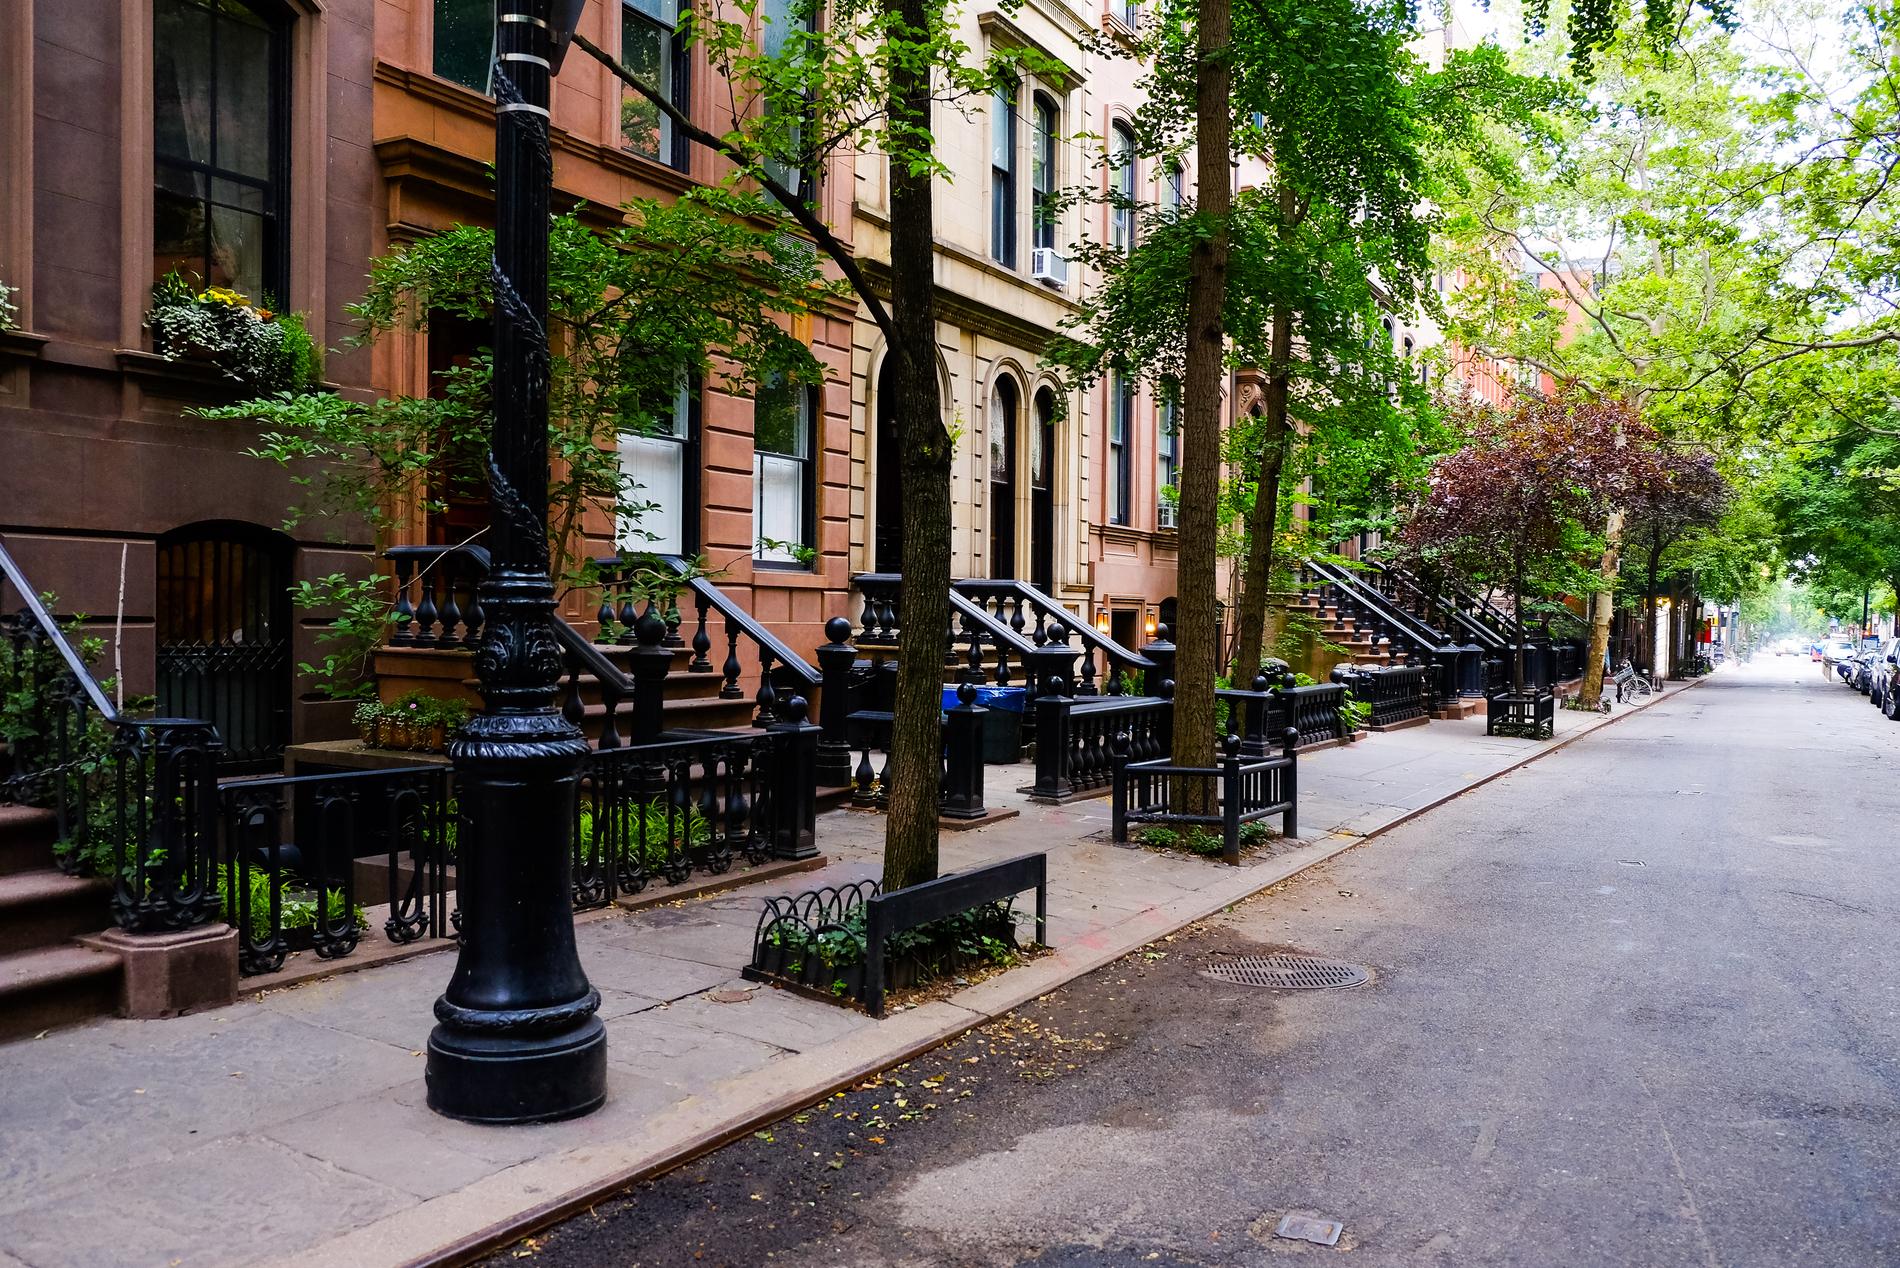 За аренду жилья в Нью-Йорке теперь можно платить биткойном, лайткойном или эфириумом